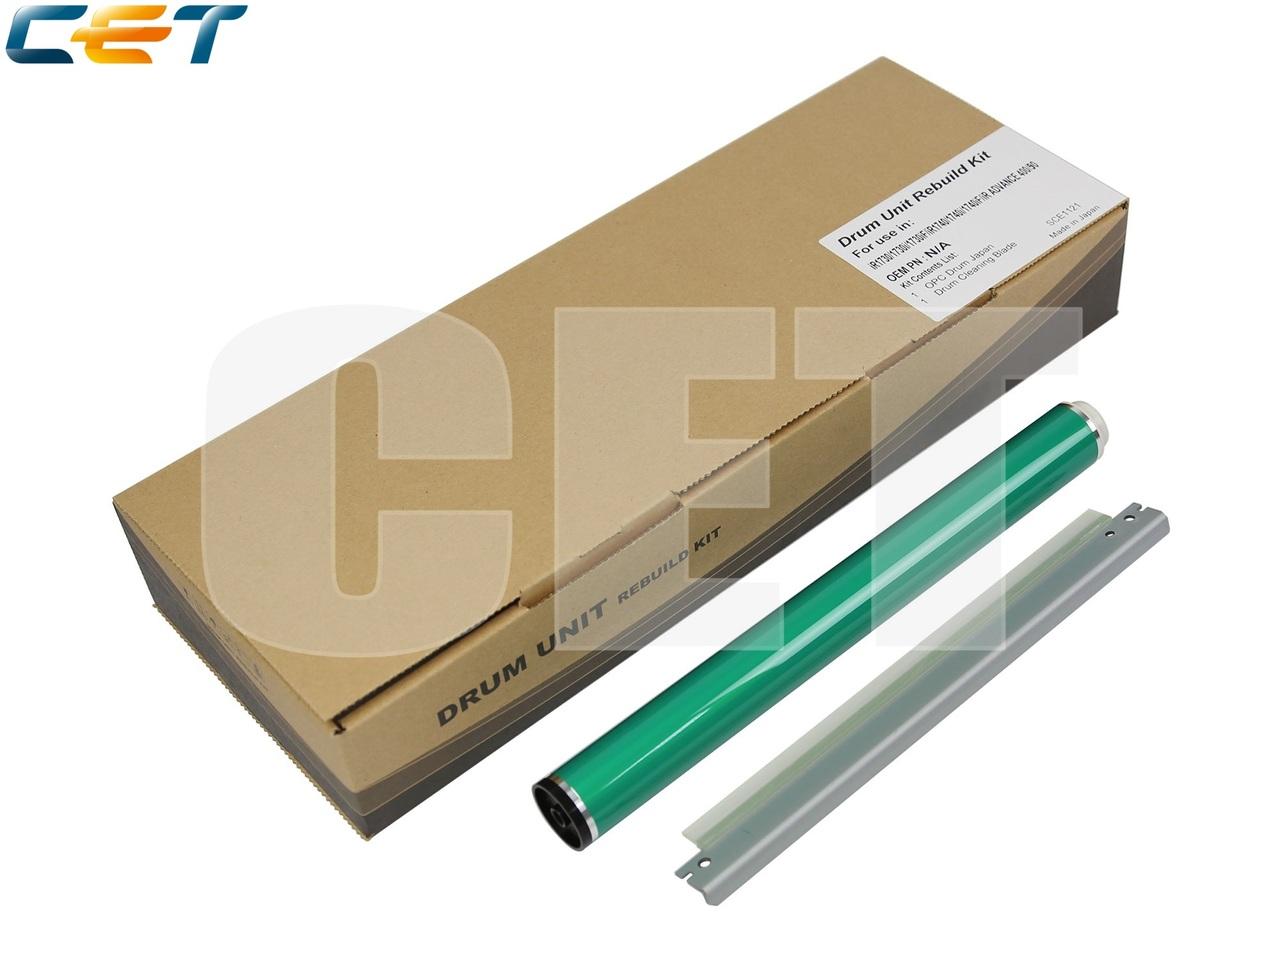 Комплект восстановления драм-юнита (барабан, ракель)C-EXV37 для CANON iR1730/1740/1750/iR ADVANCE 400/500(CET), 100000 стр., CET5218